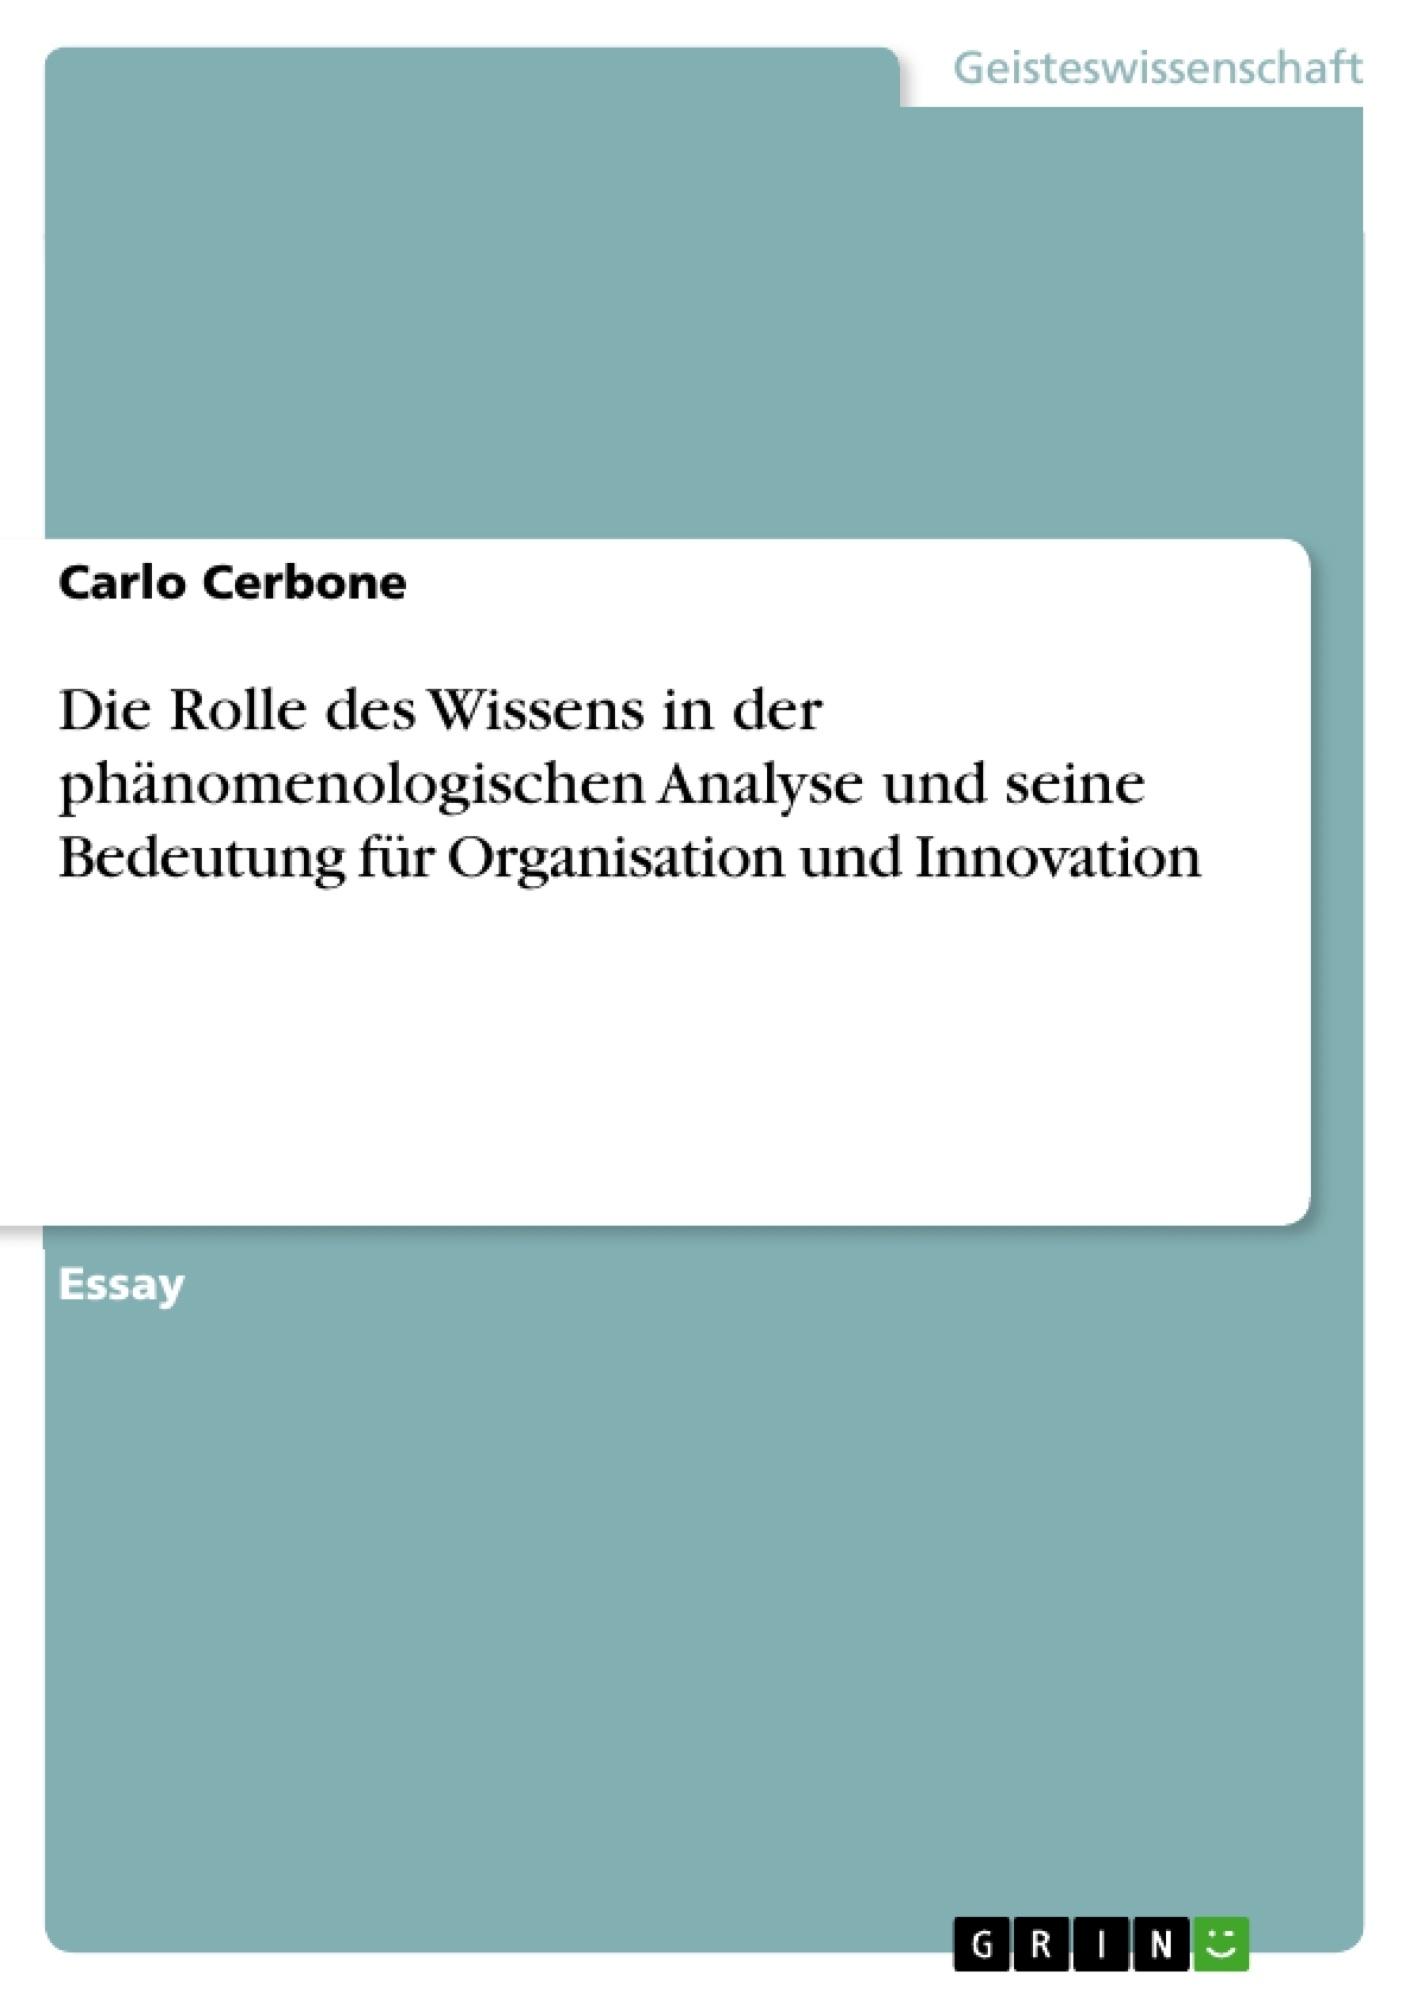 Titel: Die Rolle des Wissens in der phänomenologischen Analyse und seine Bedeutung für Organisation und Innovation